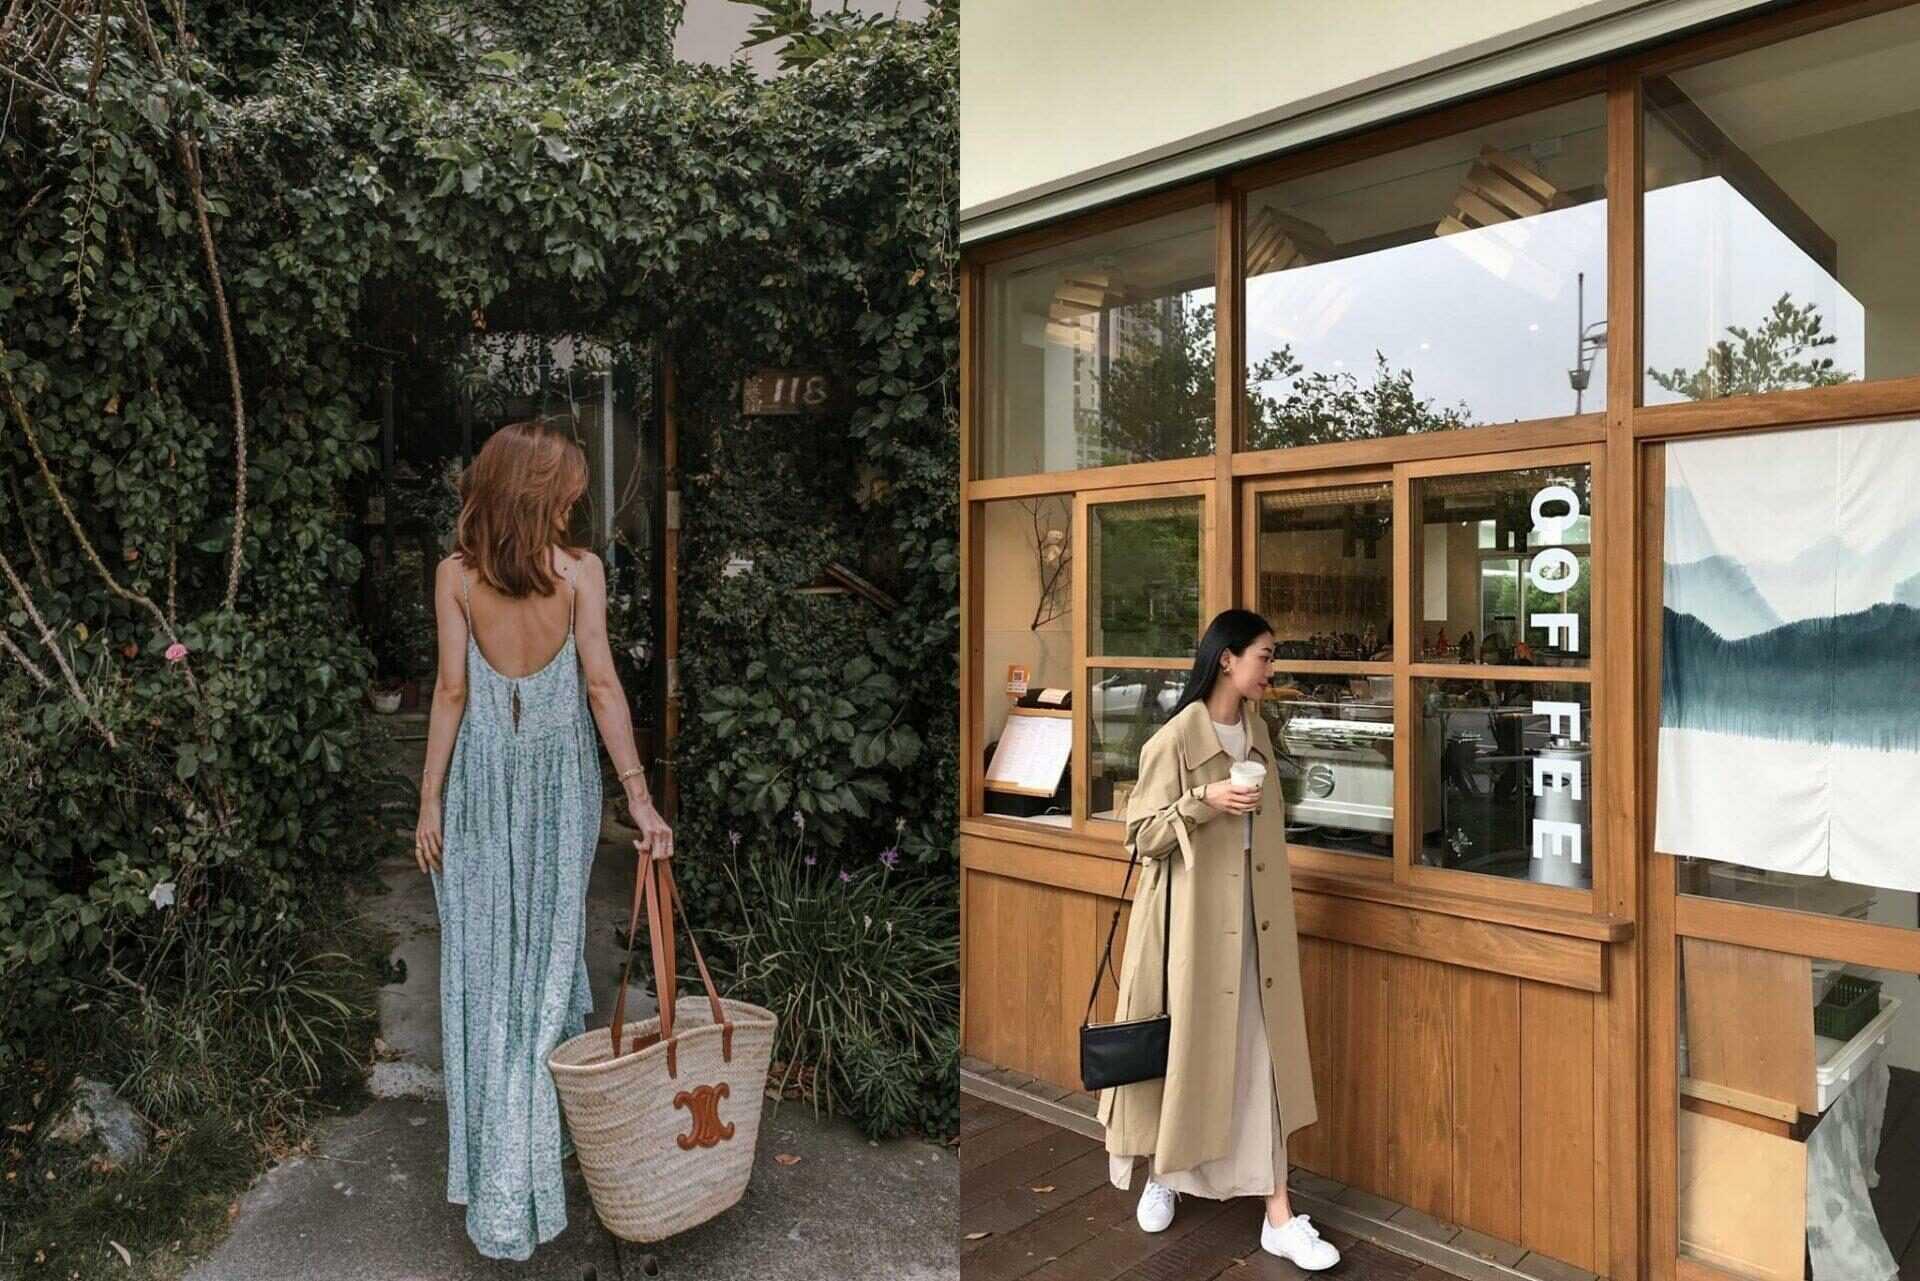 新竹下午茶咖啡廳 | 嚴選新竹縣市9間高評價咖啡廳、下午茶聚餐首選店